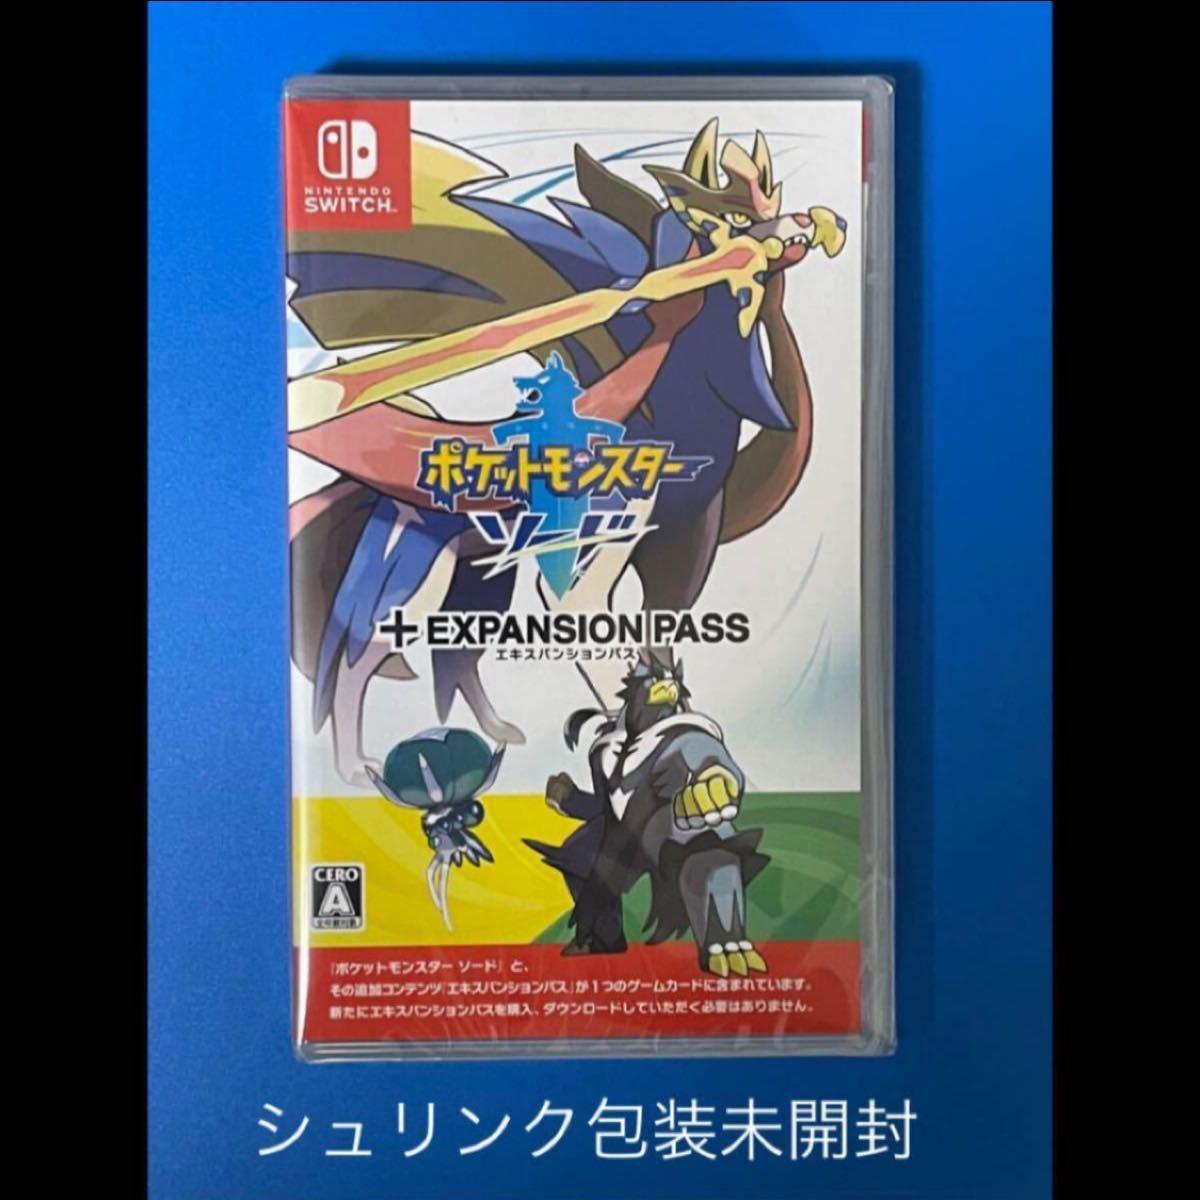 【新品未開封】【即納】Nintendo Switch ポケットモンスター ソード+エキスパンションパス